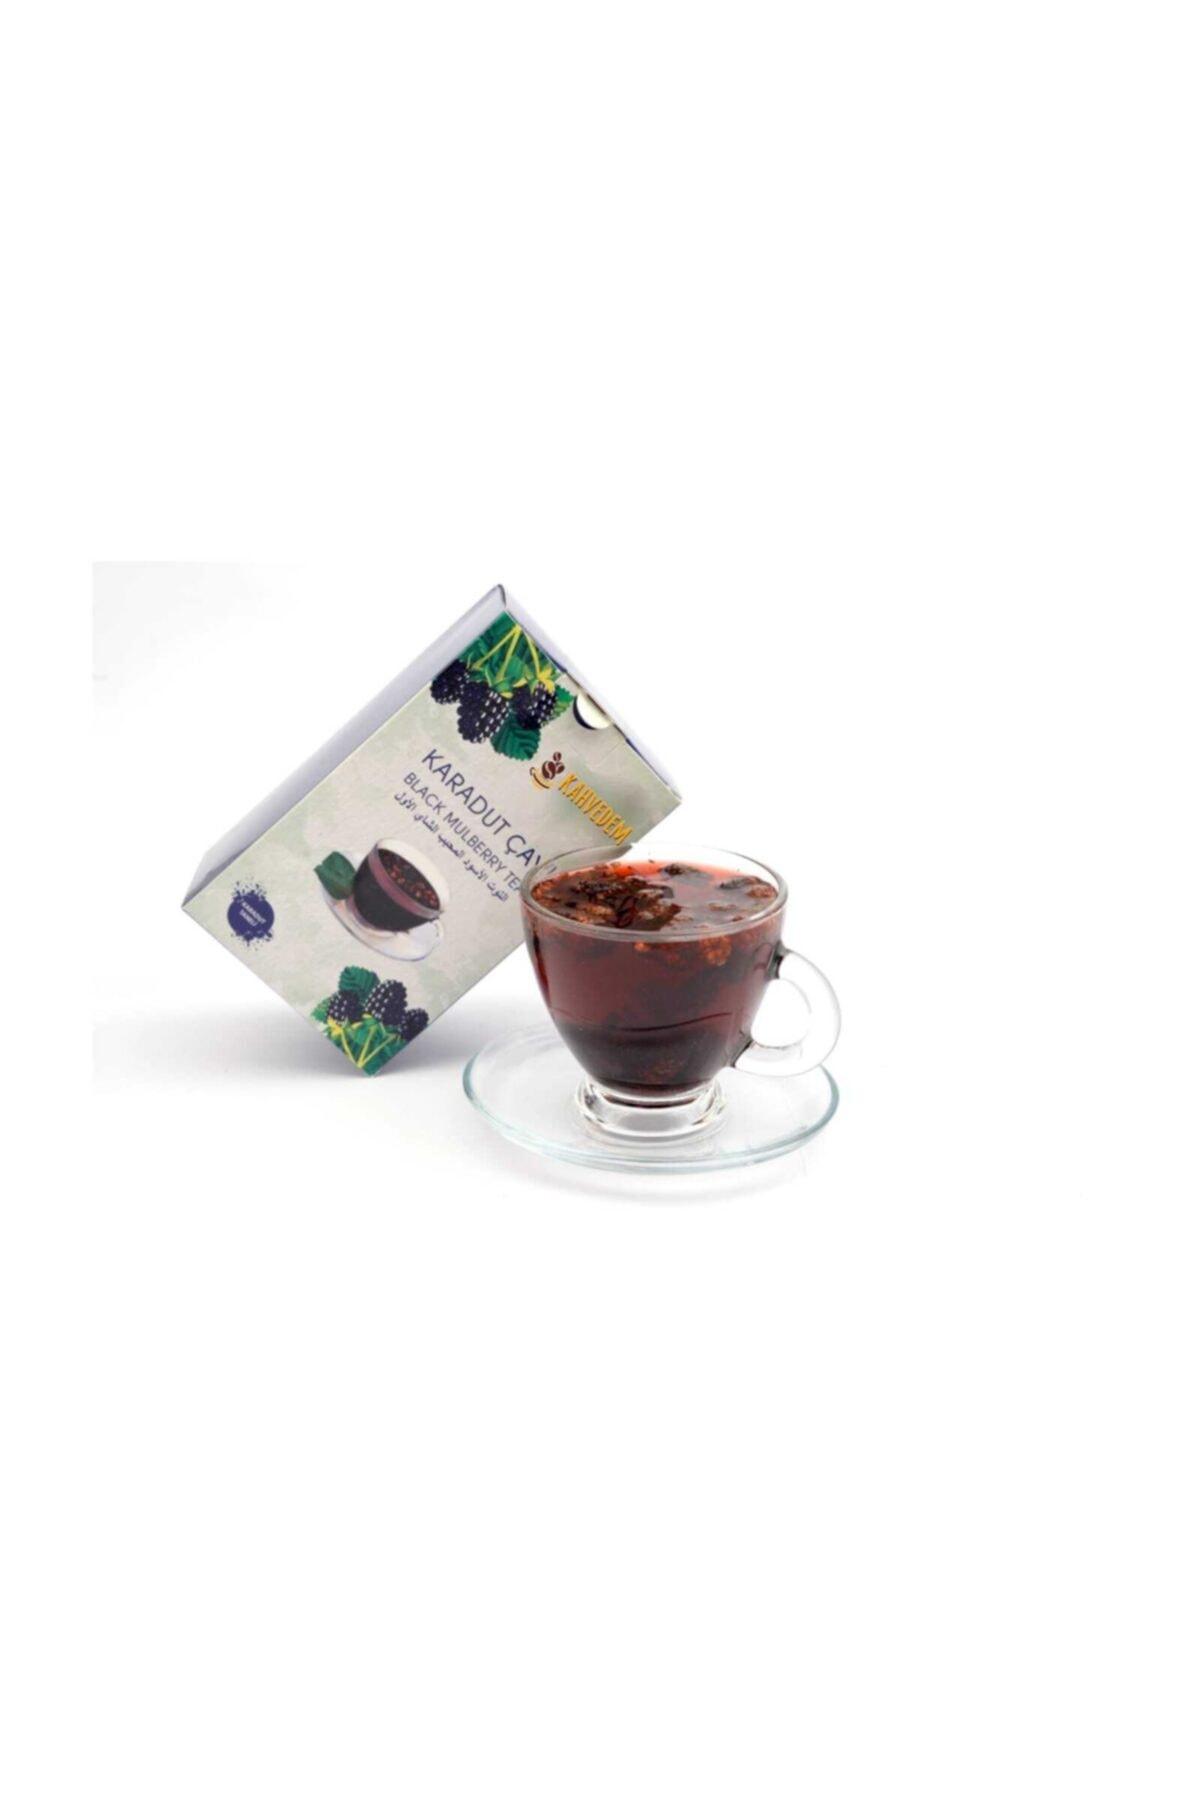 Kahvedem Yenilebilir Doğal Meyve Taneli Karadut Çayı 250 gr 2